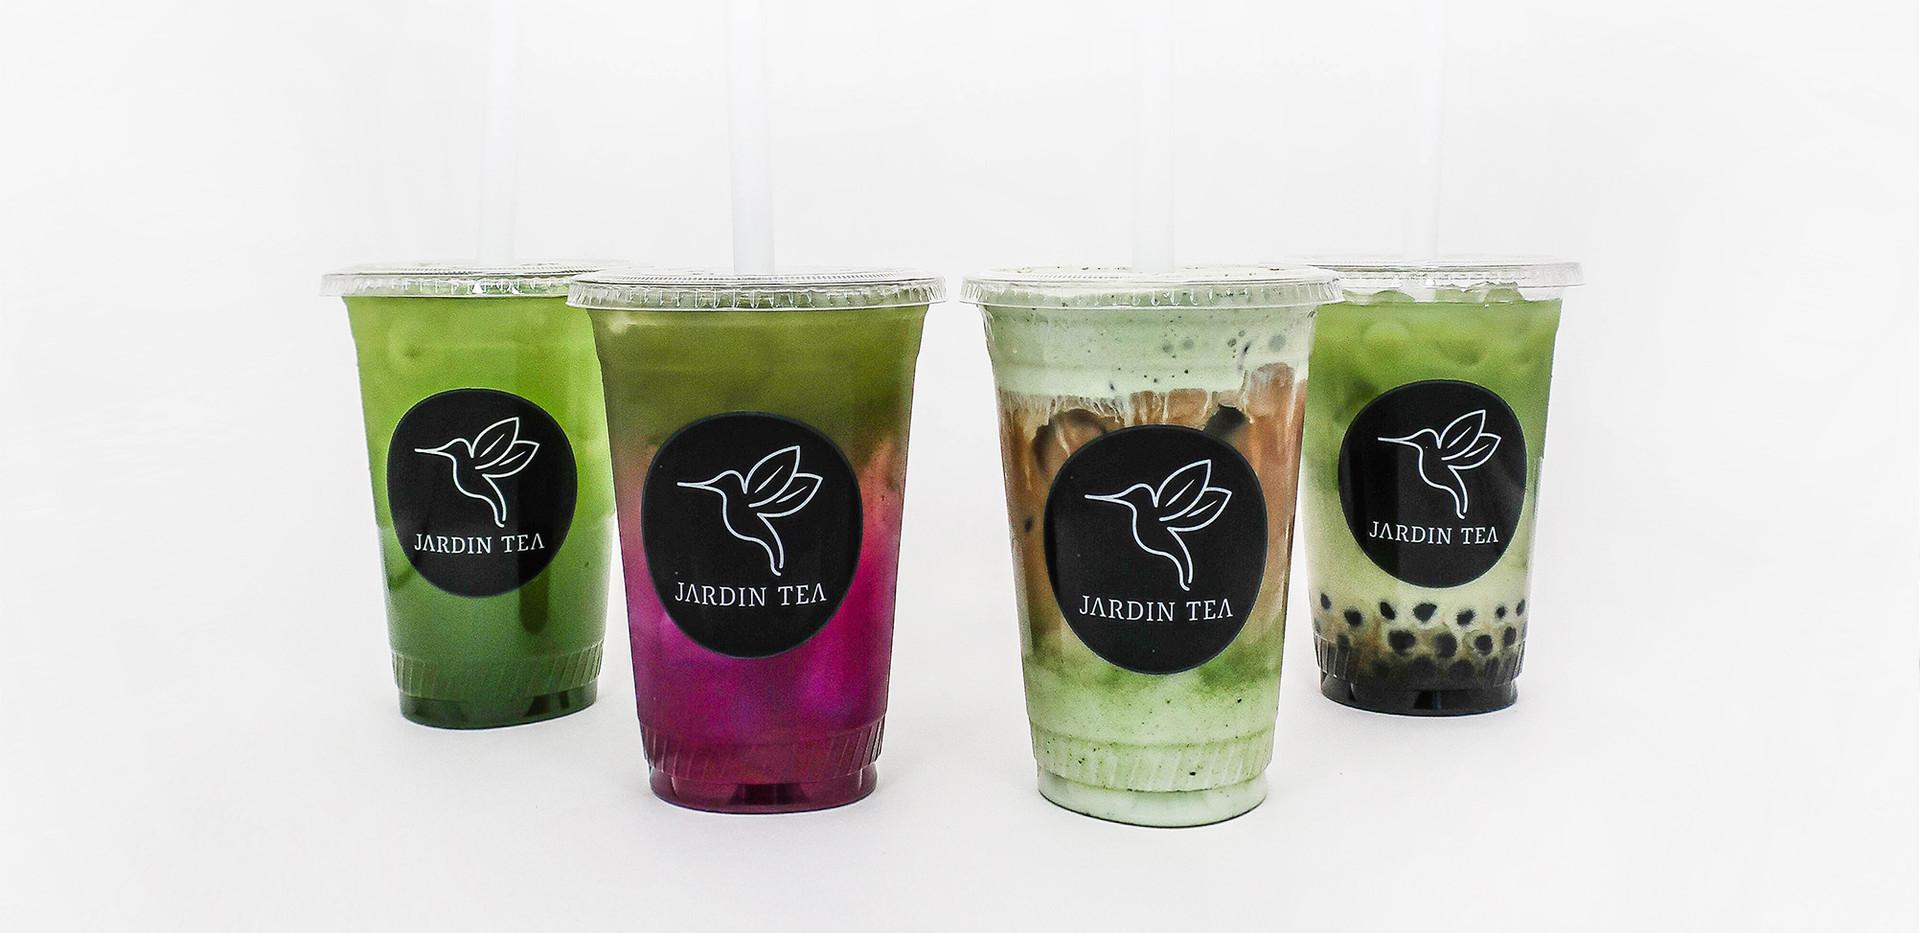 Jardin Tea Matcha Drinks